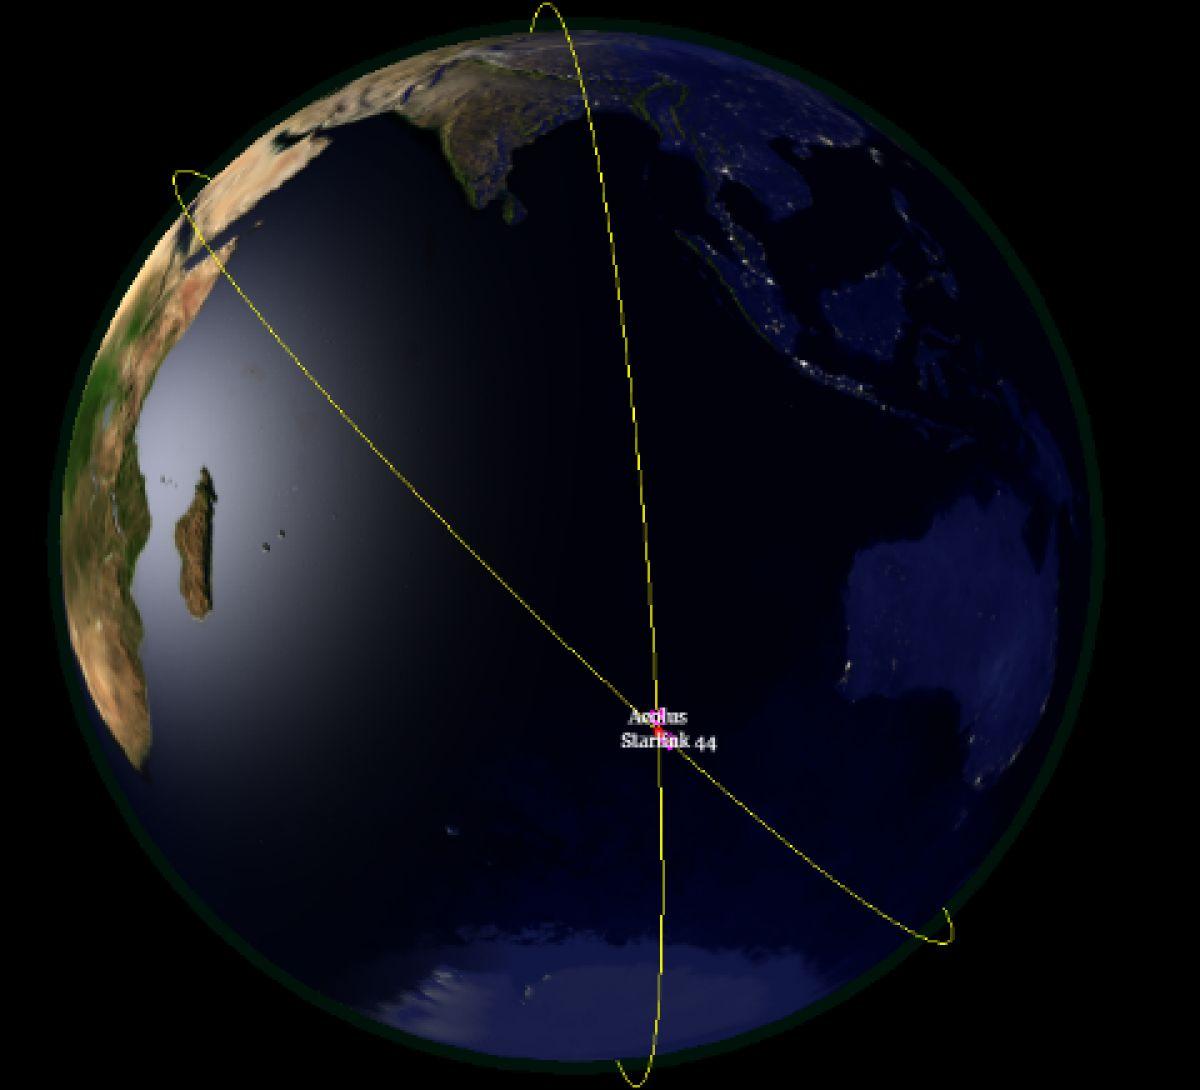 Европейский спутник вынужден был совершить маневр, чтобы не столкнуться с аппаратом Илона Маска